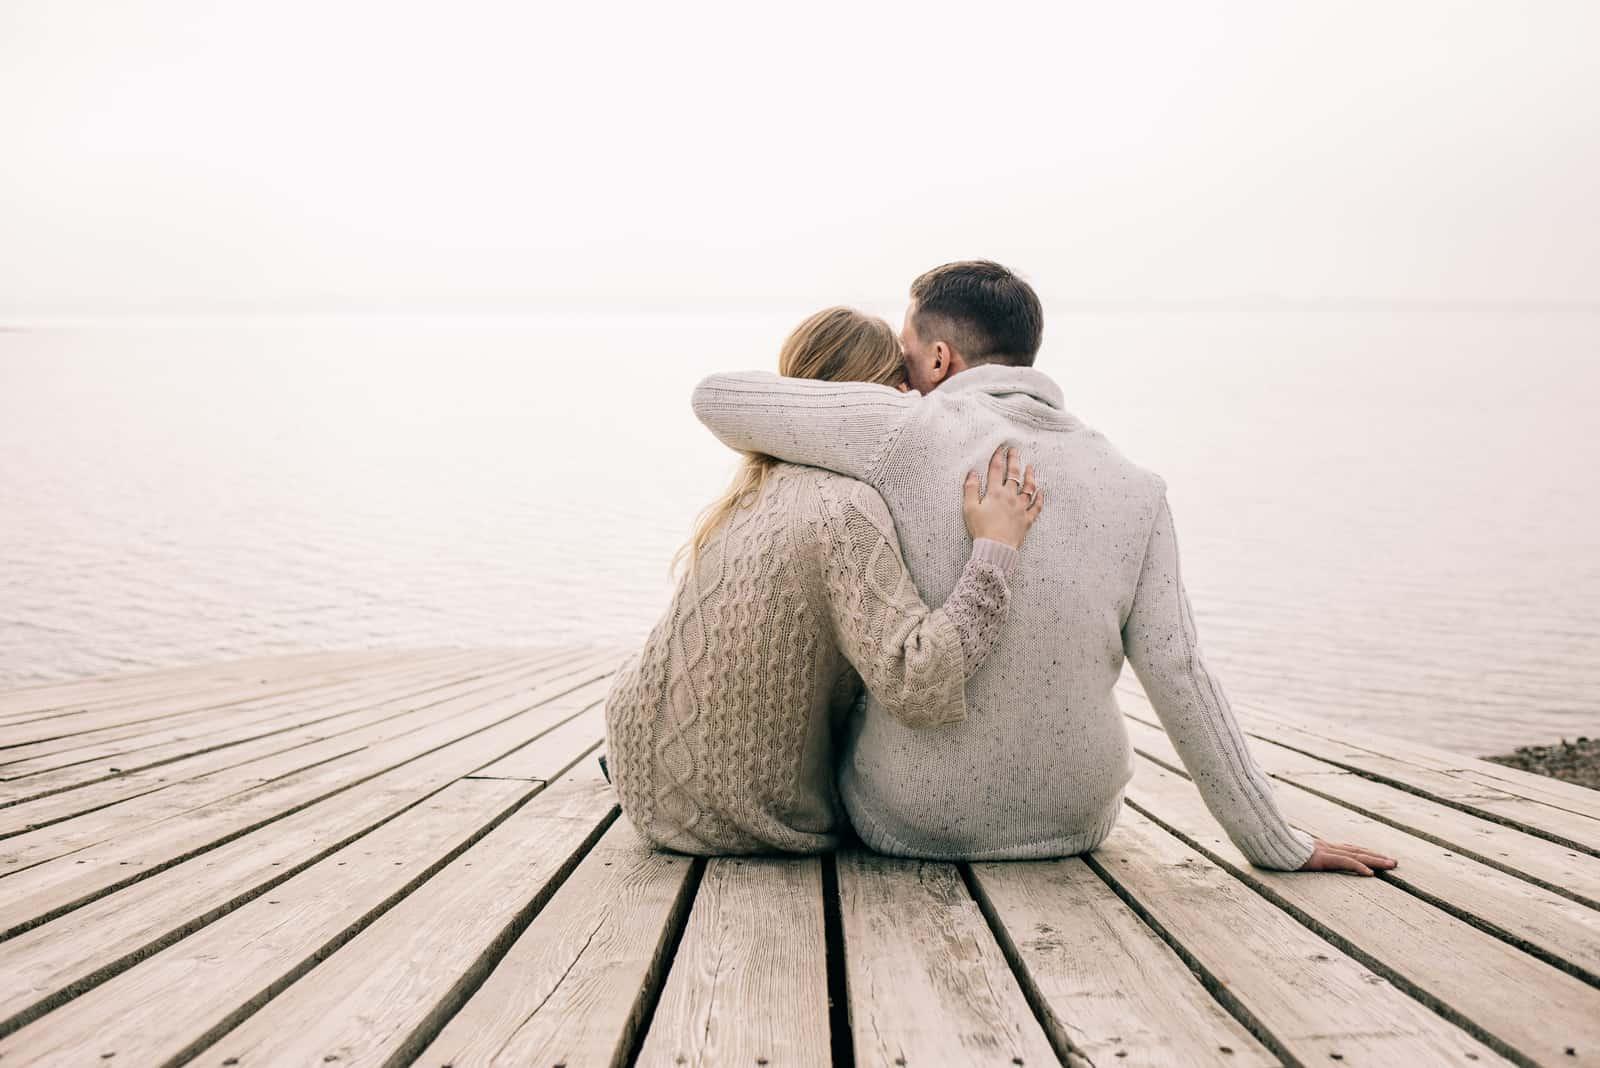 par kramar på en pir